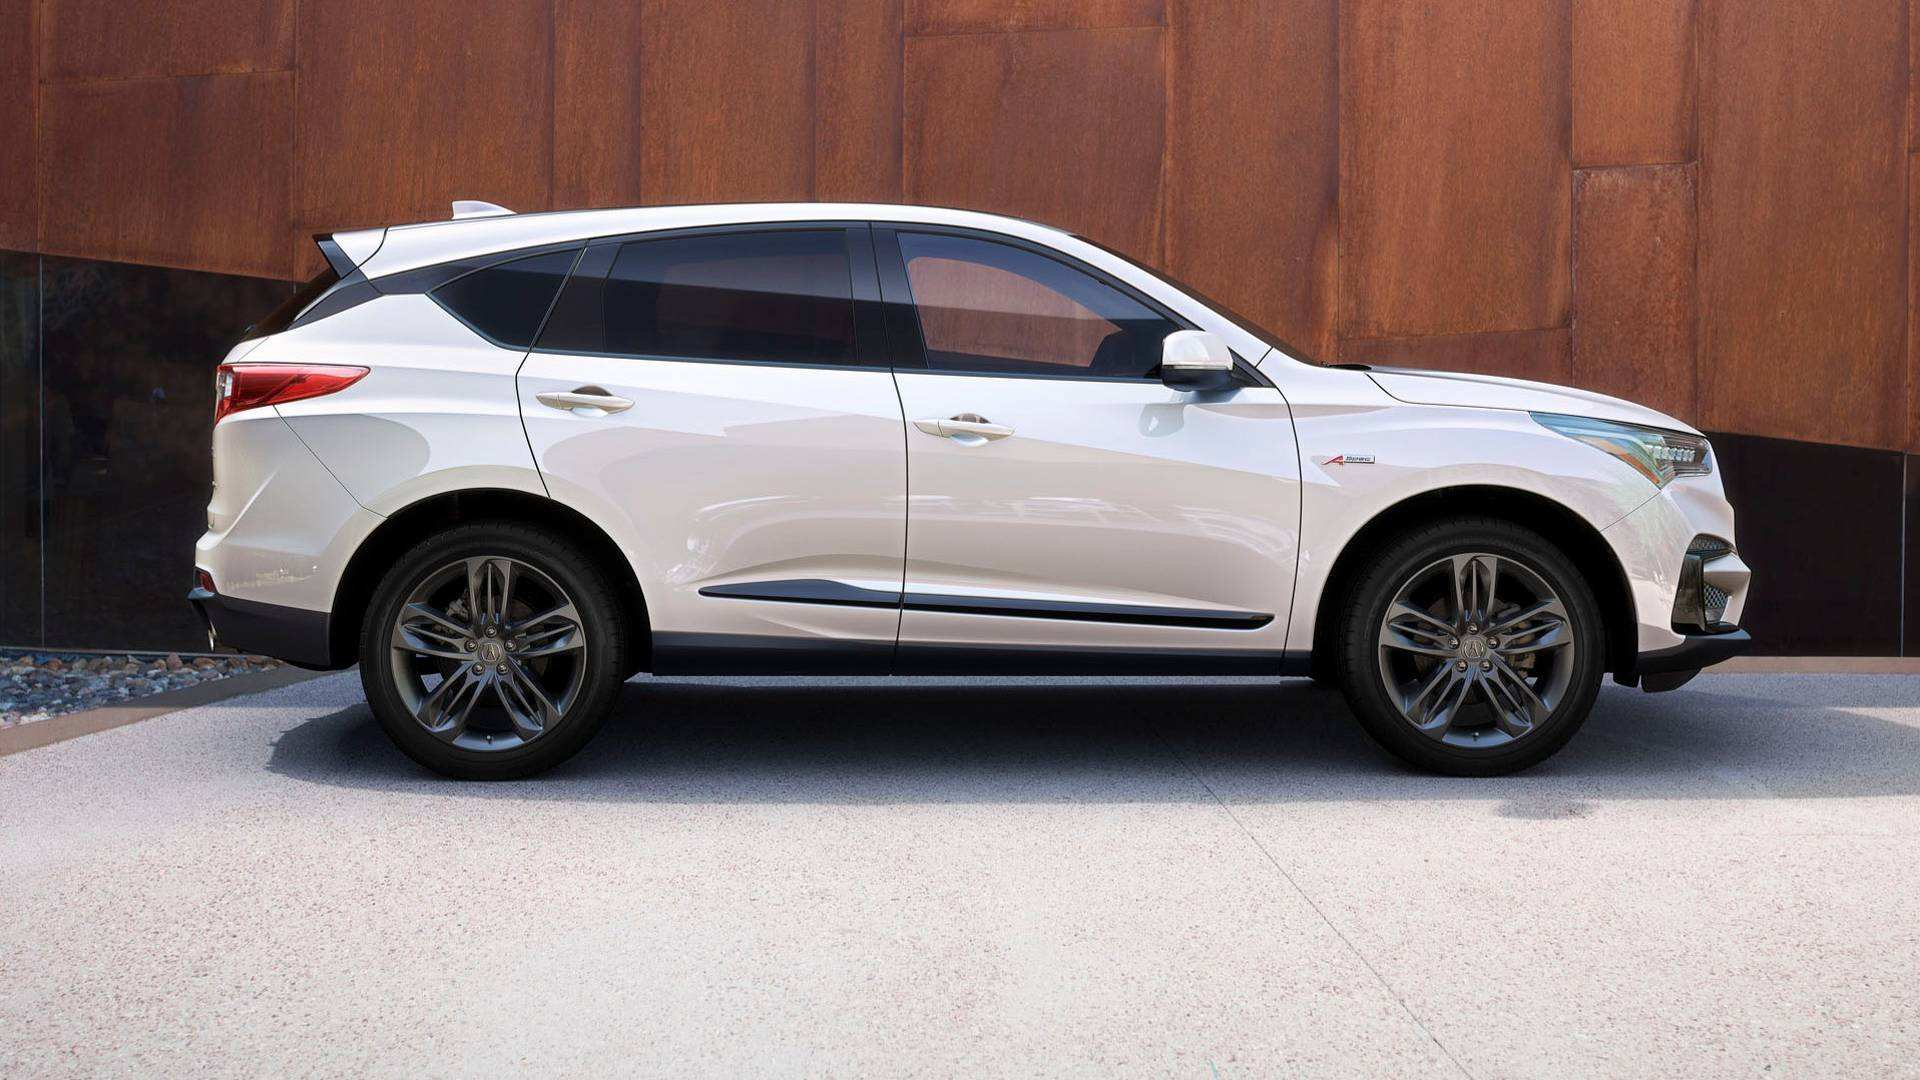 89 New 2020 Acura Rdx V6 History with 2020 Acura Rdx V6